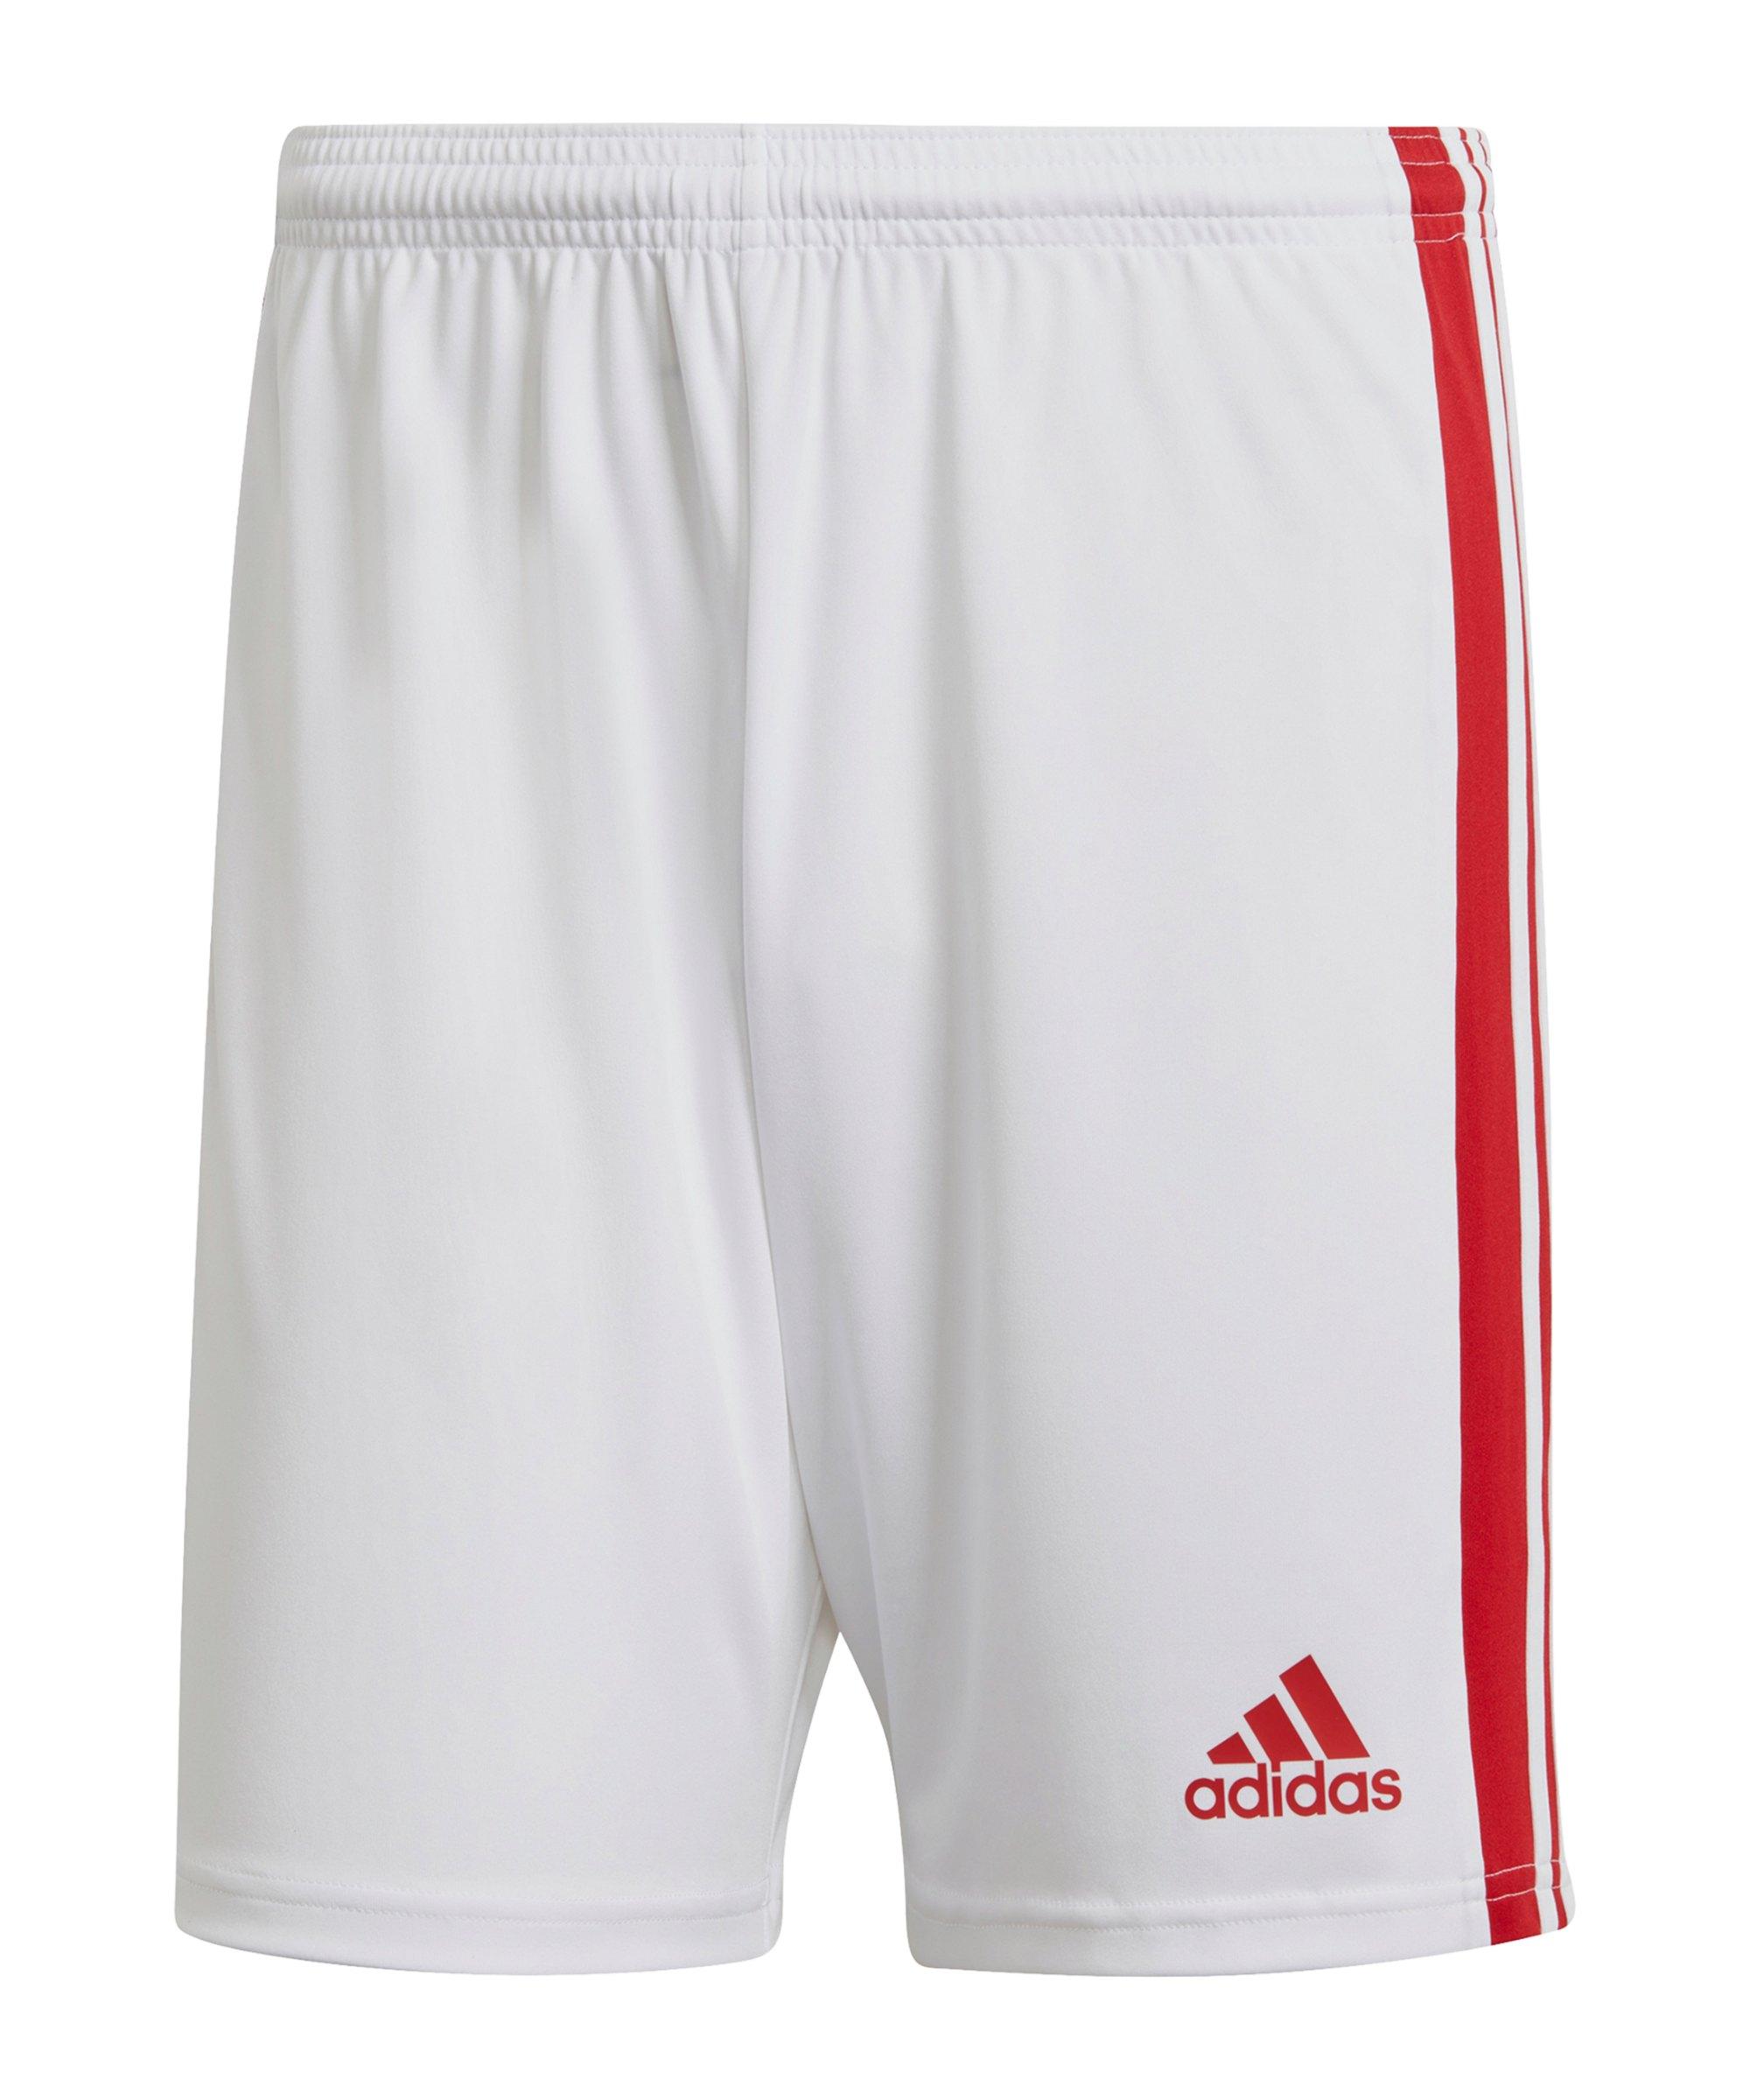 adidas Squadra 21 Short Weiss Rot - weiss